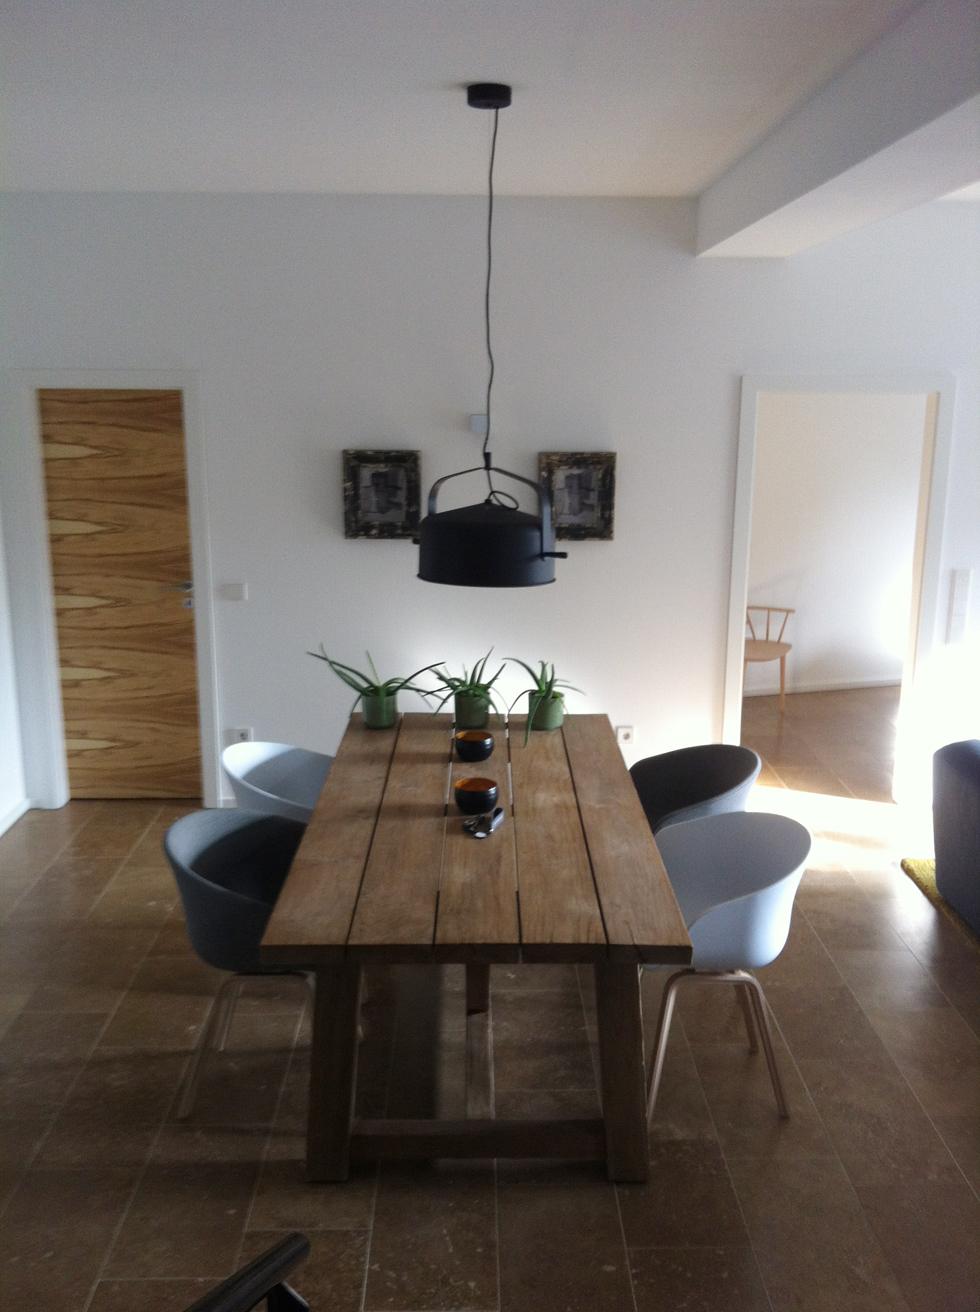 Image Wohndesign Wohnraumgestaltung Susanne Pfaendner Bayreuth